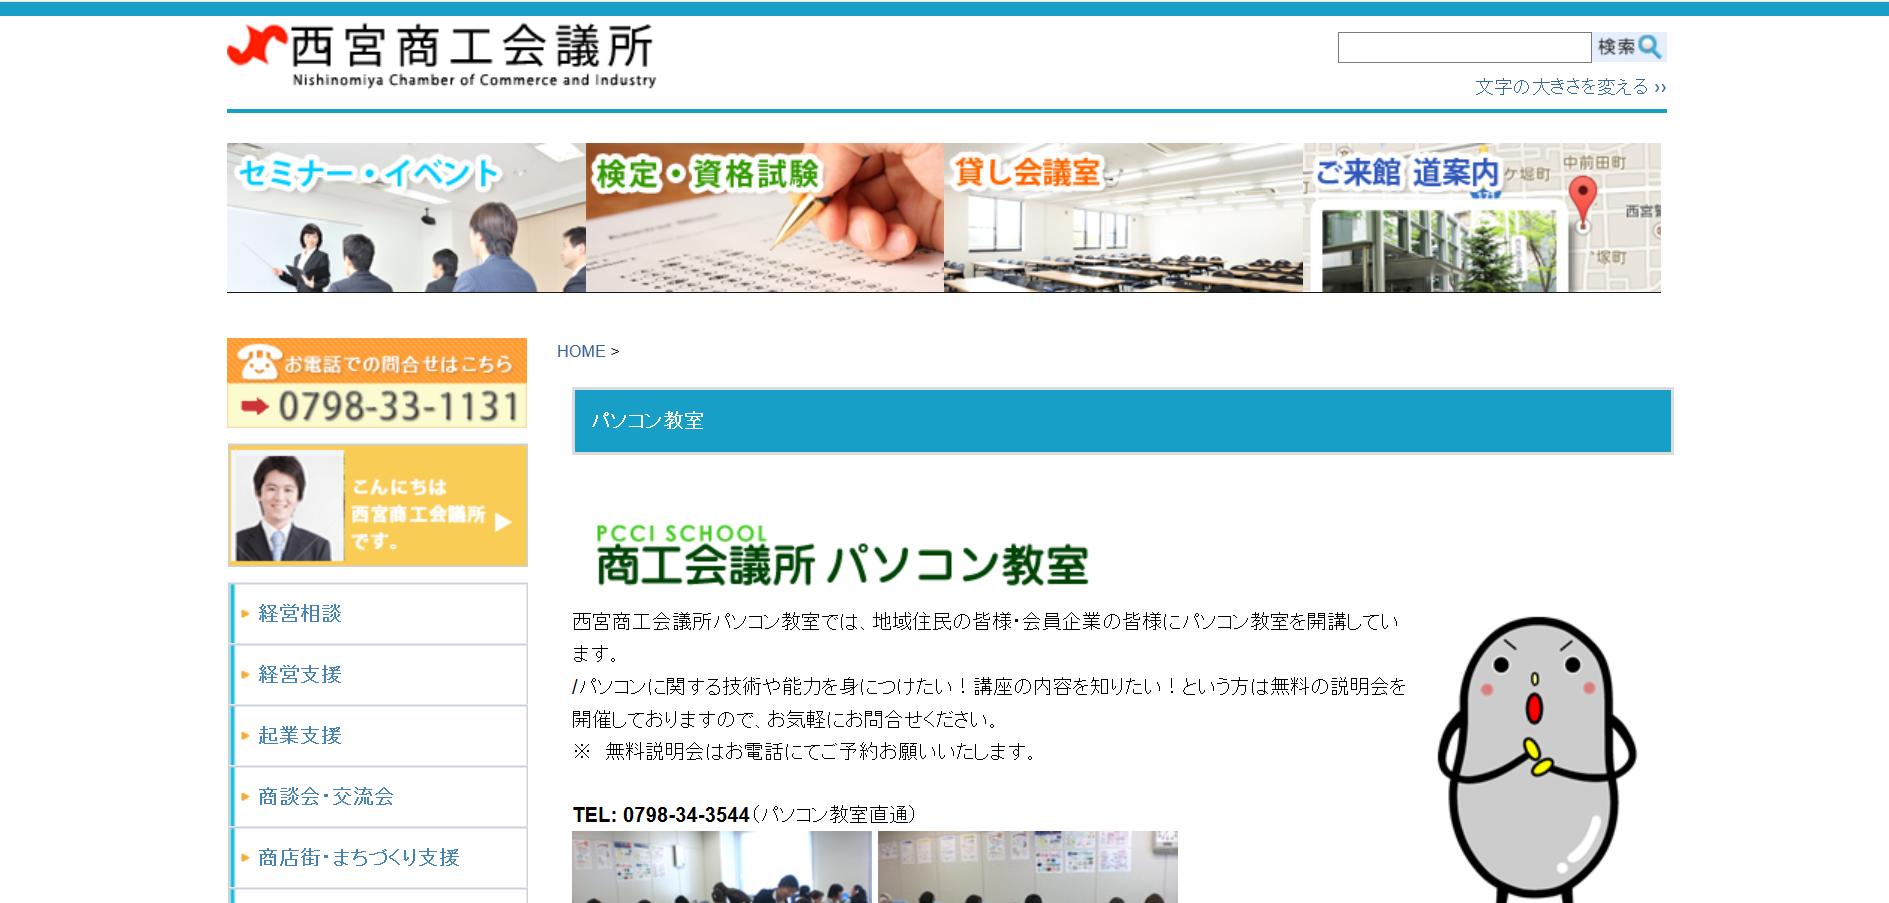 西宮商工会議所パソコン教室の評判・口コミ